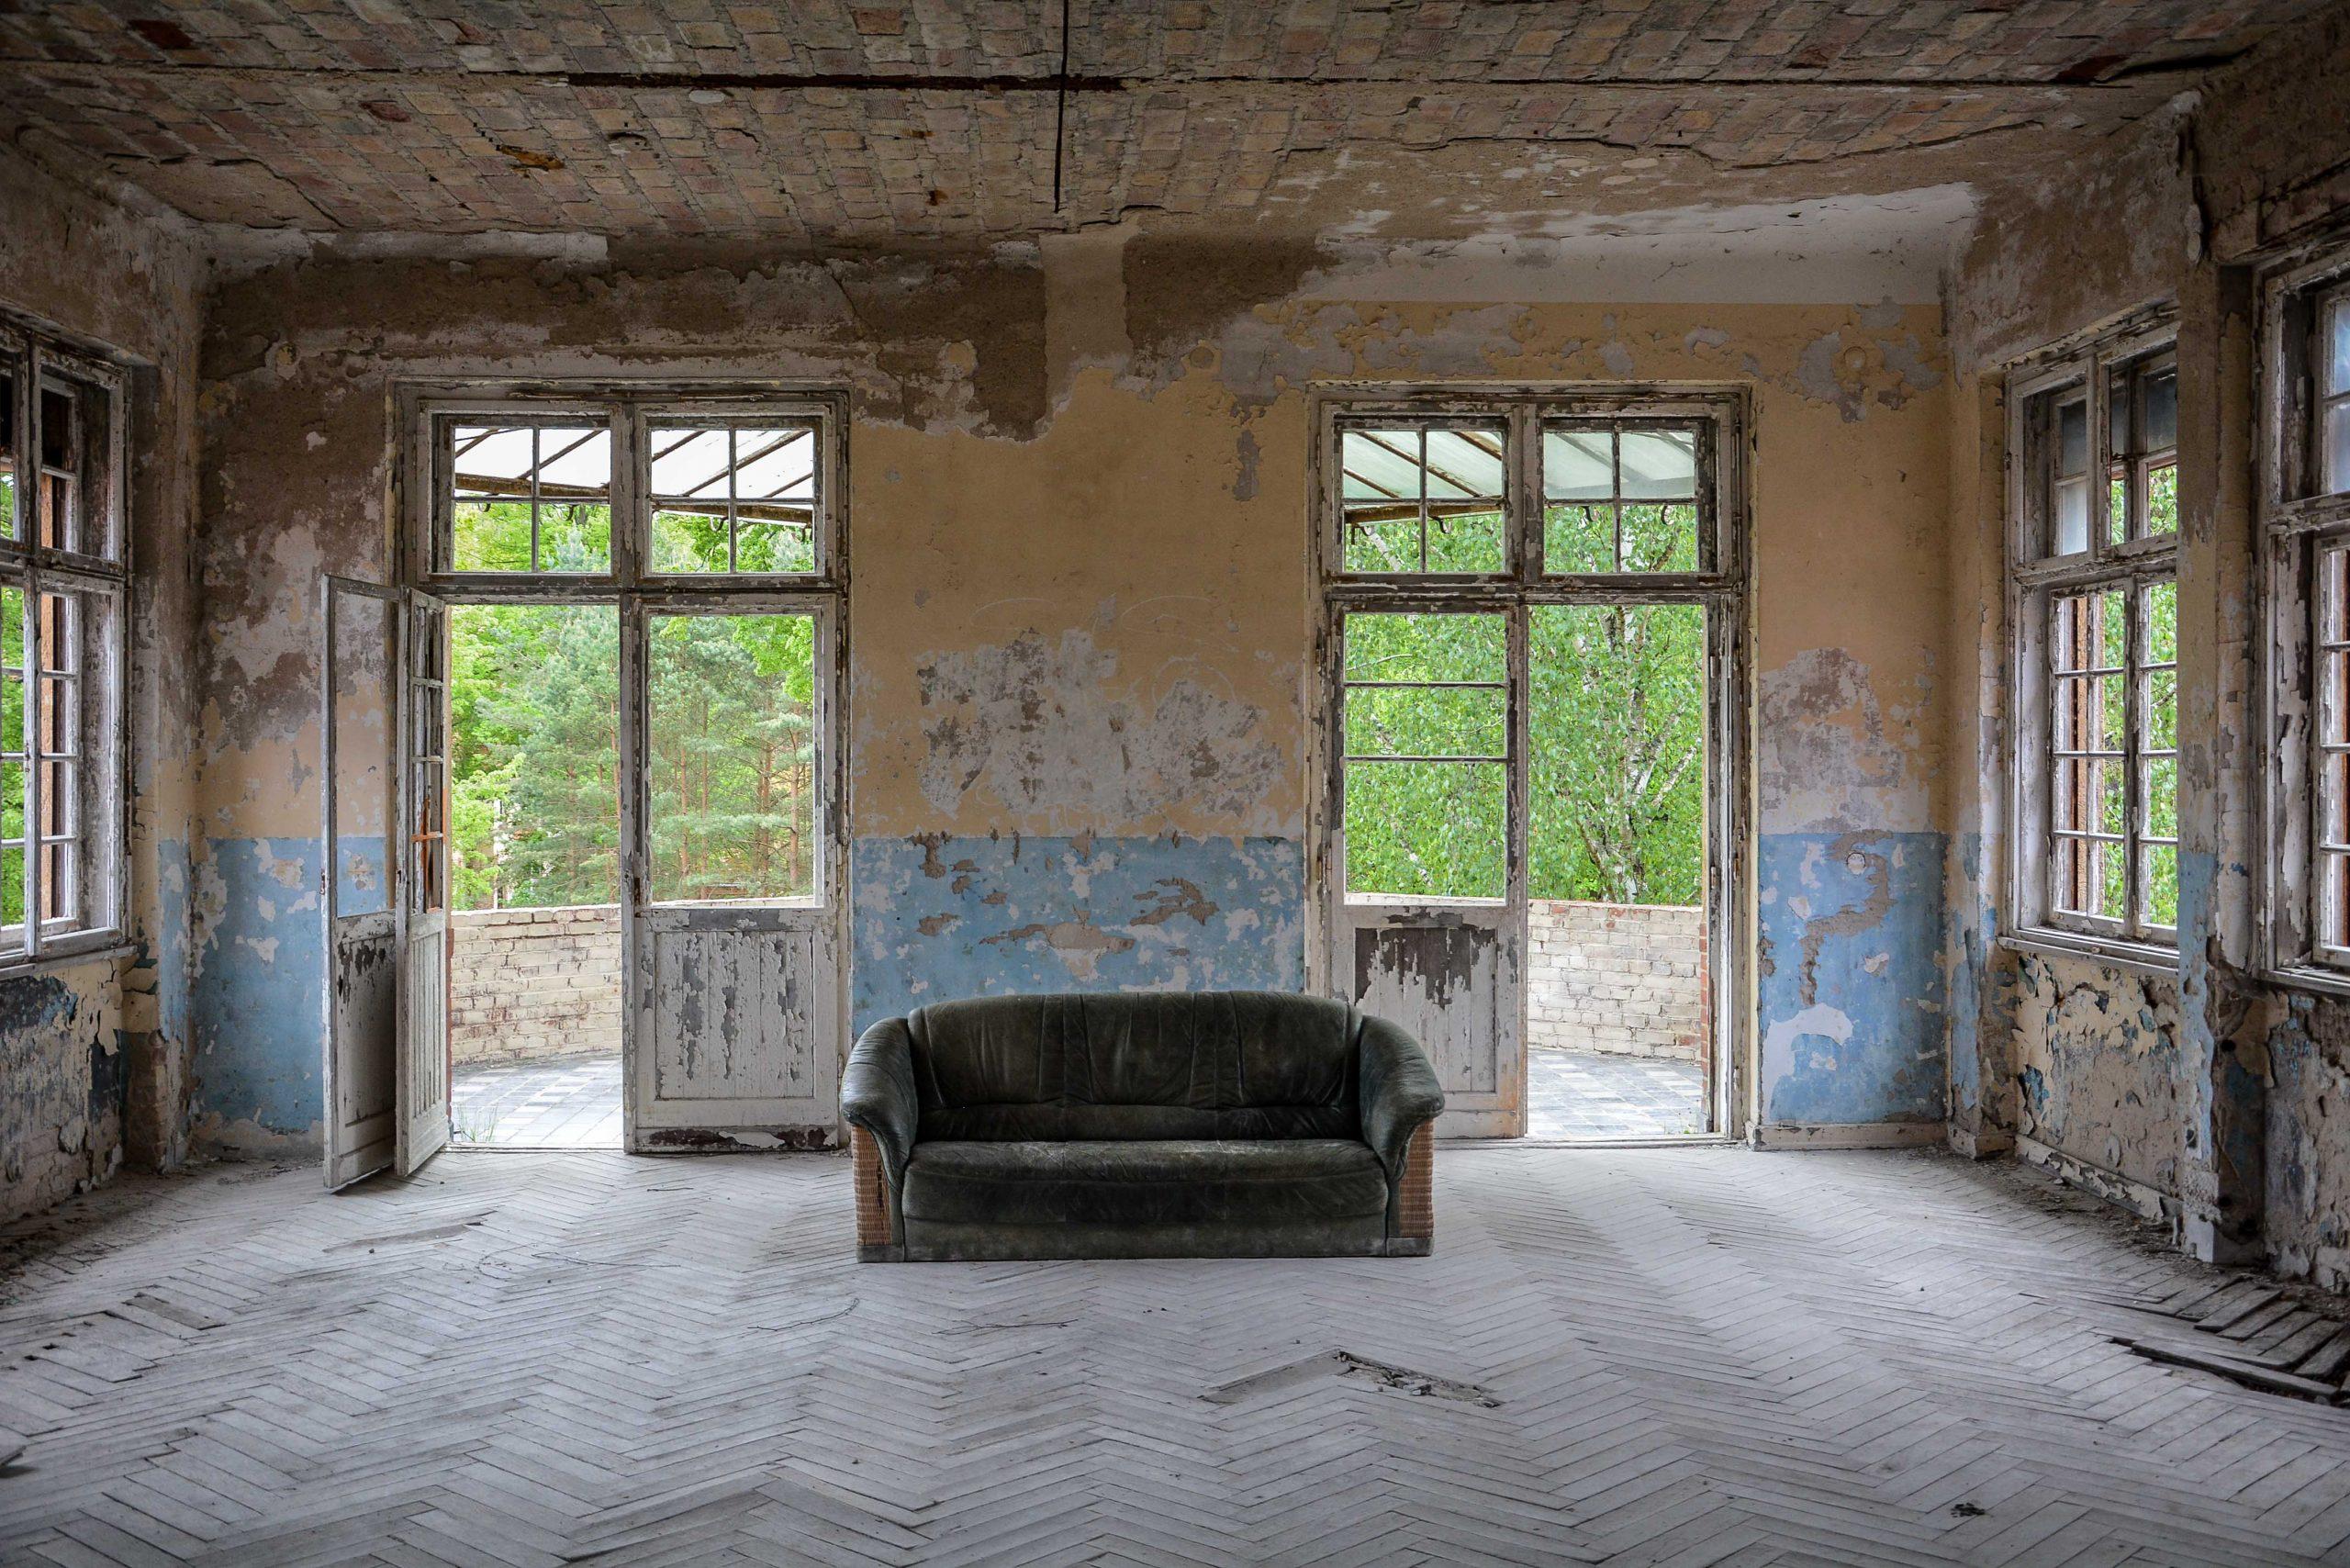 couch balcony tuberkulose heilstaette grabowsee sanatorium hospital oranienburg lost places abandoned urbex brandenburg germany deutschland